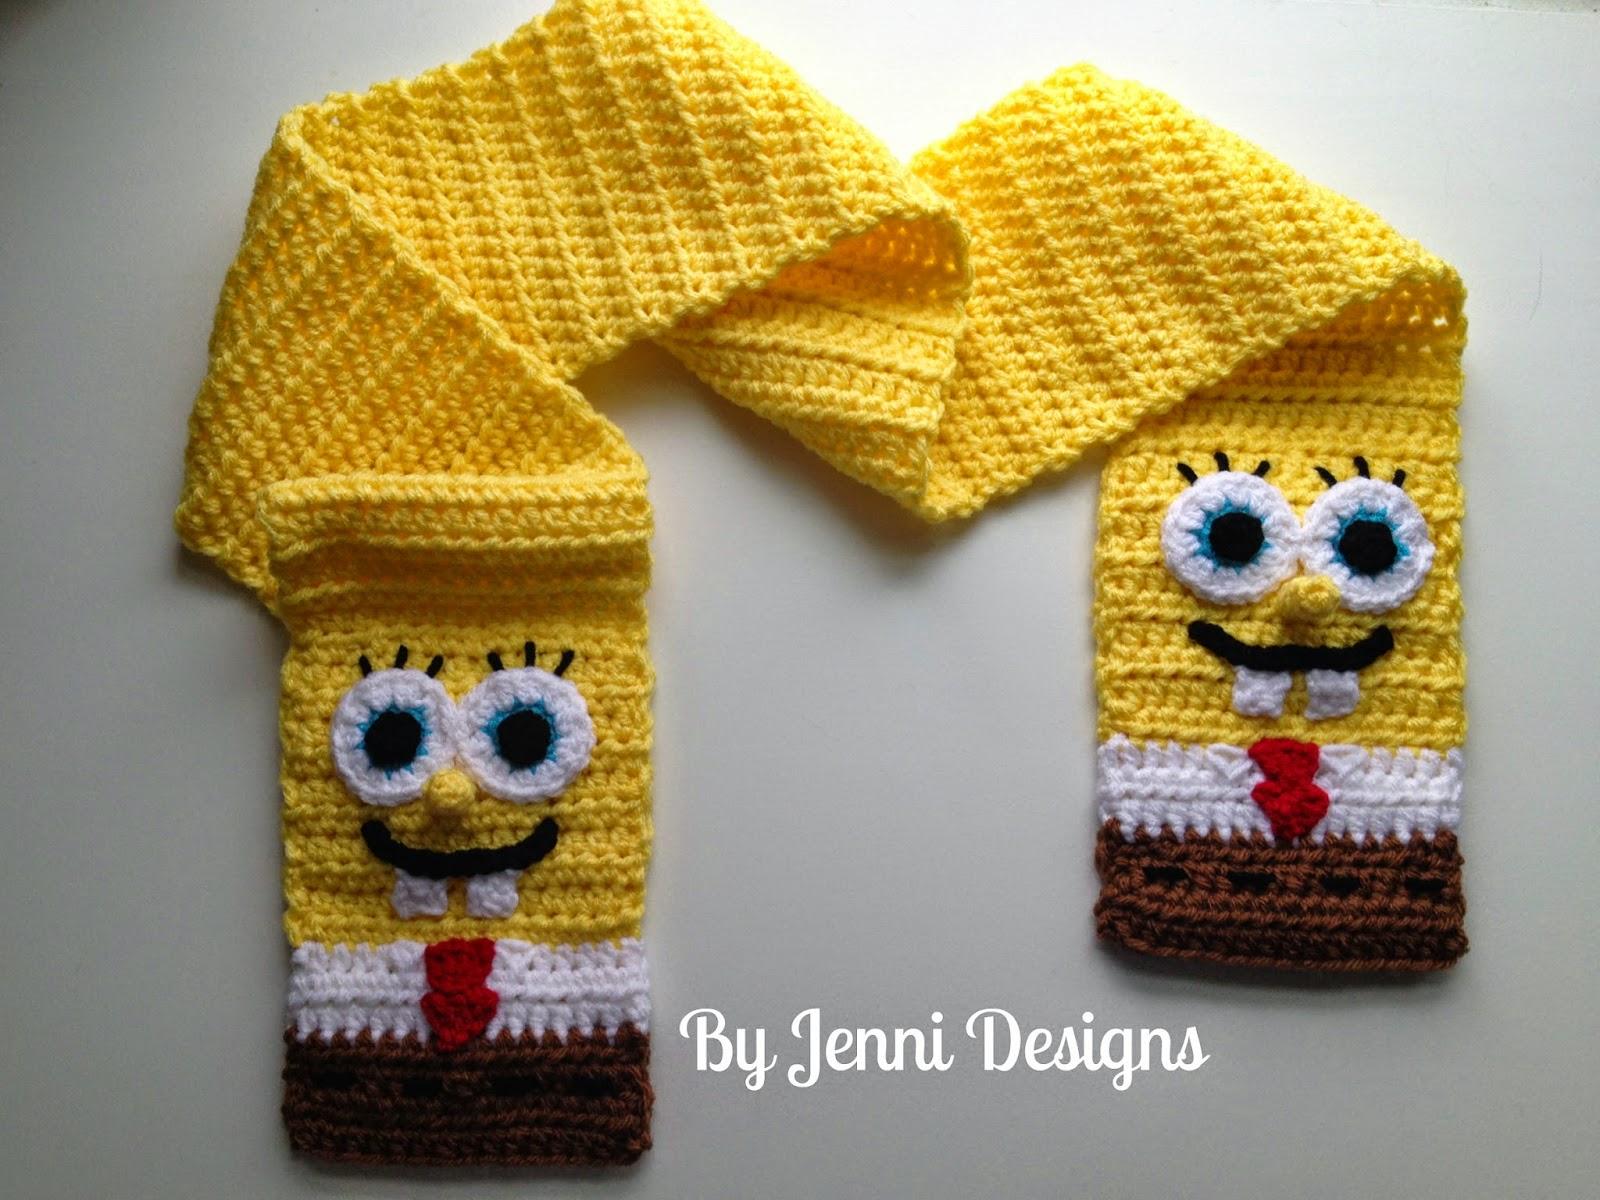 Free Crochet Pattern Spongebob Hat : By Jenni Designs: Free Crochet Pattern: Spongebob ...